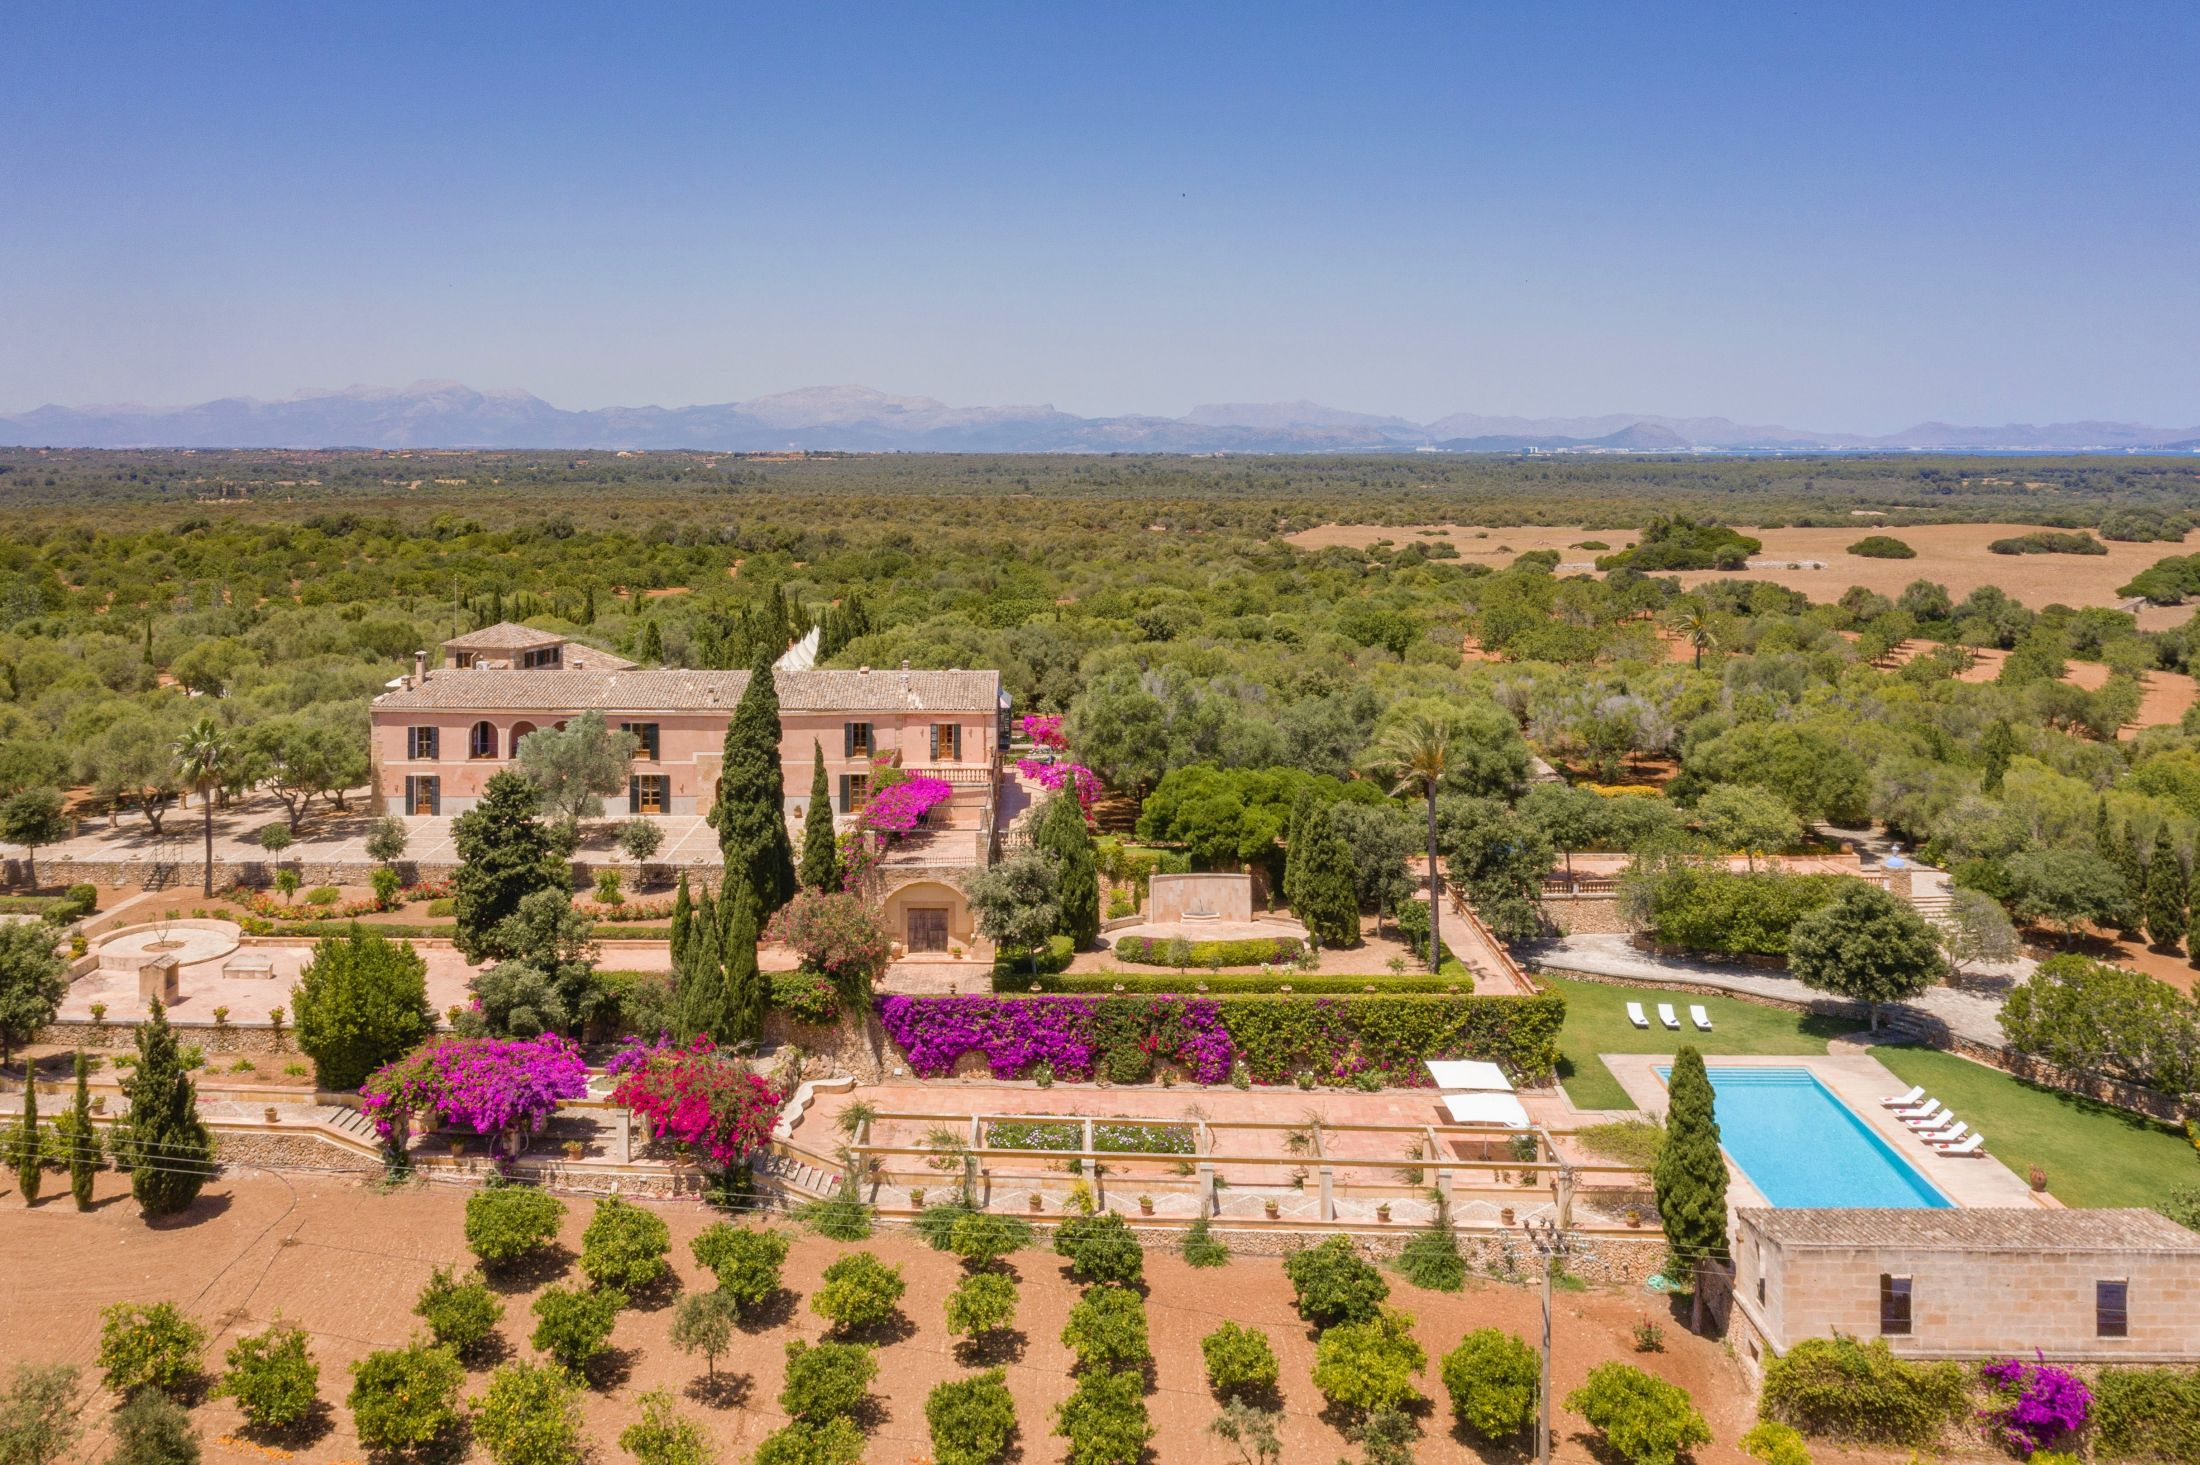 luxury villas Mallorca, Mallorca luxury accommodation, luxury holiday Mallorca, Son Doblons Mallorca